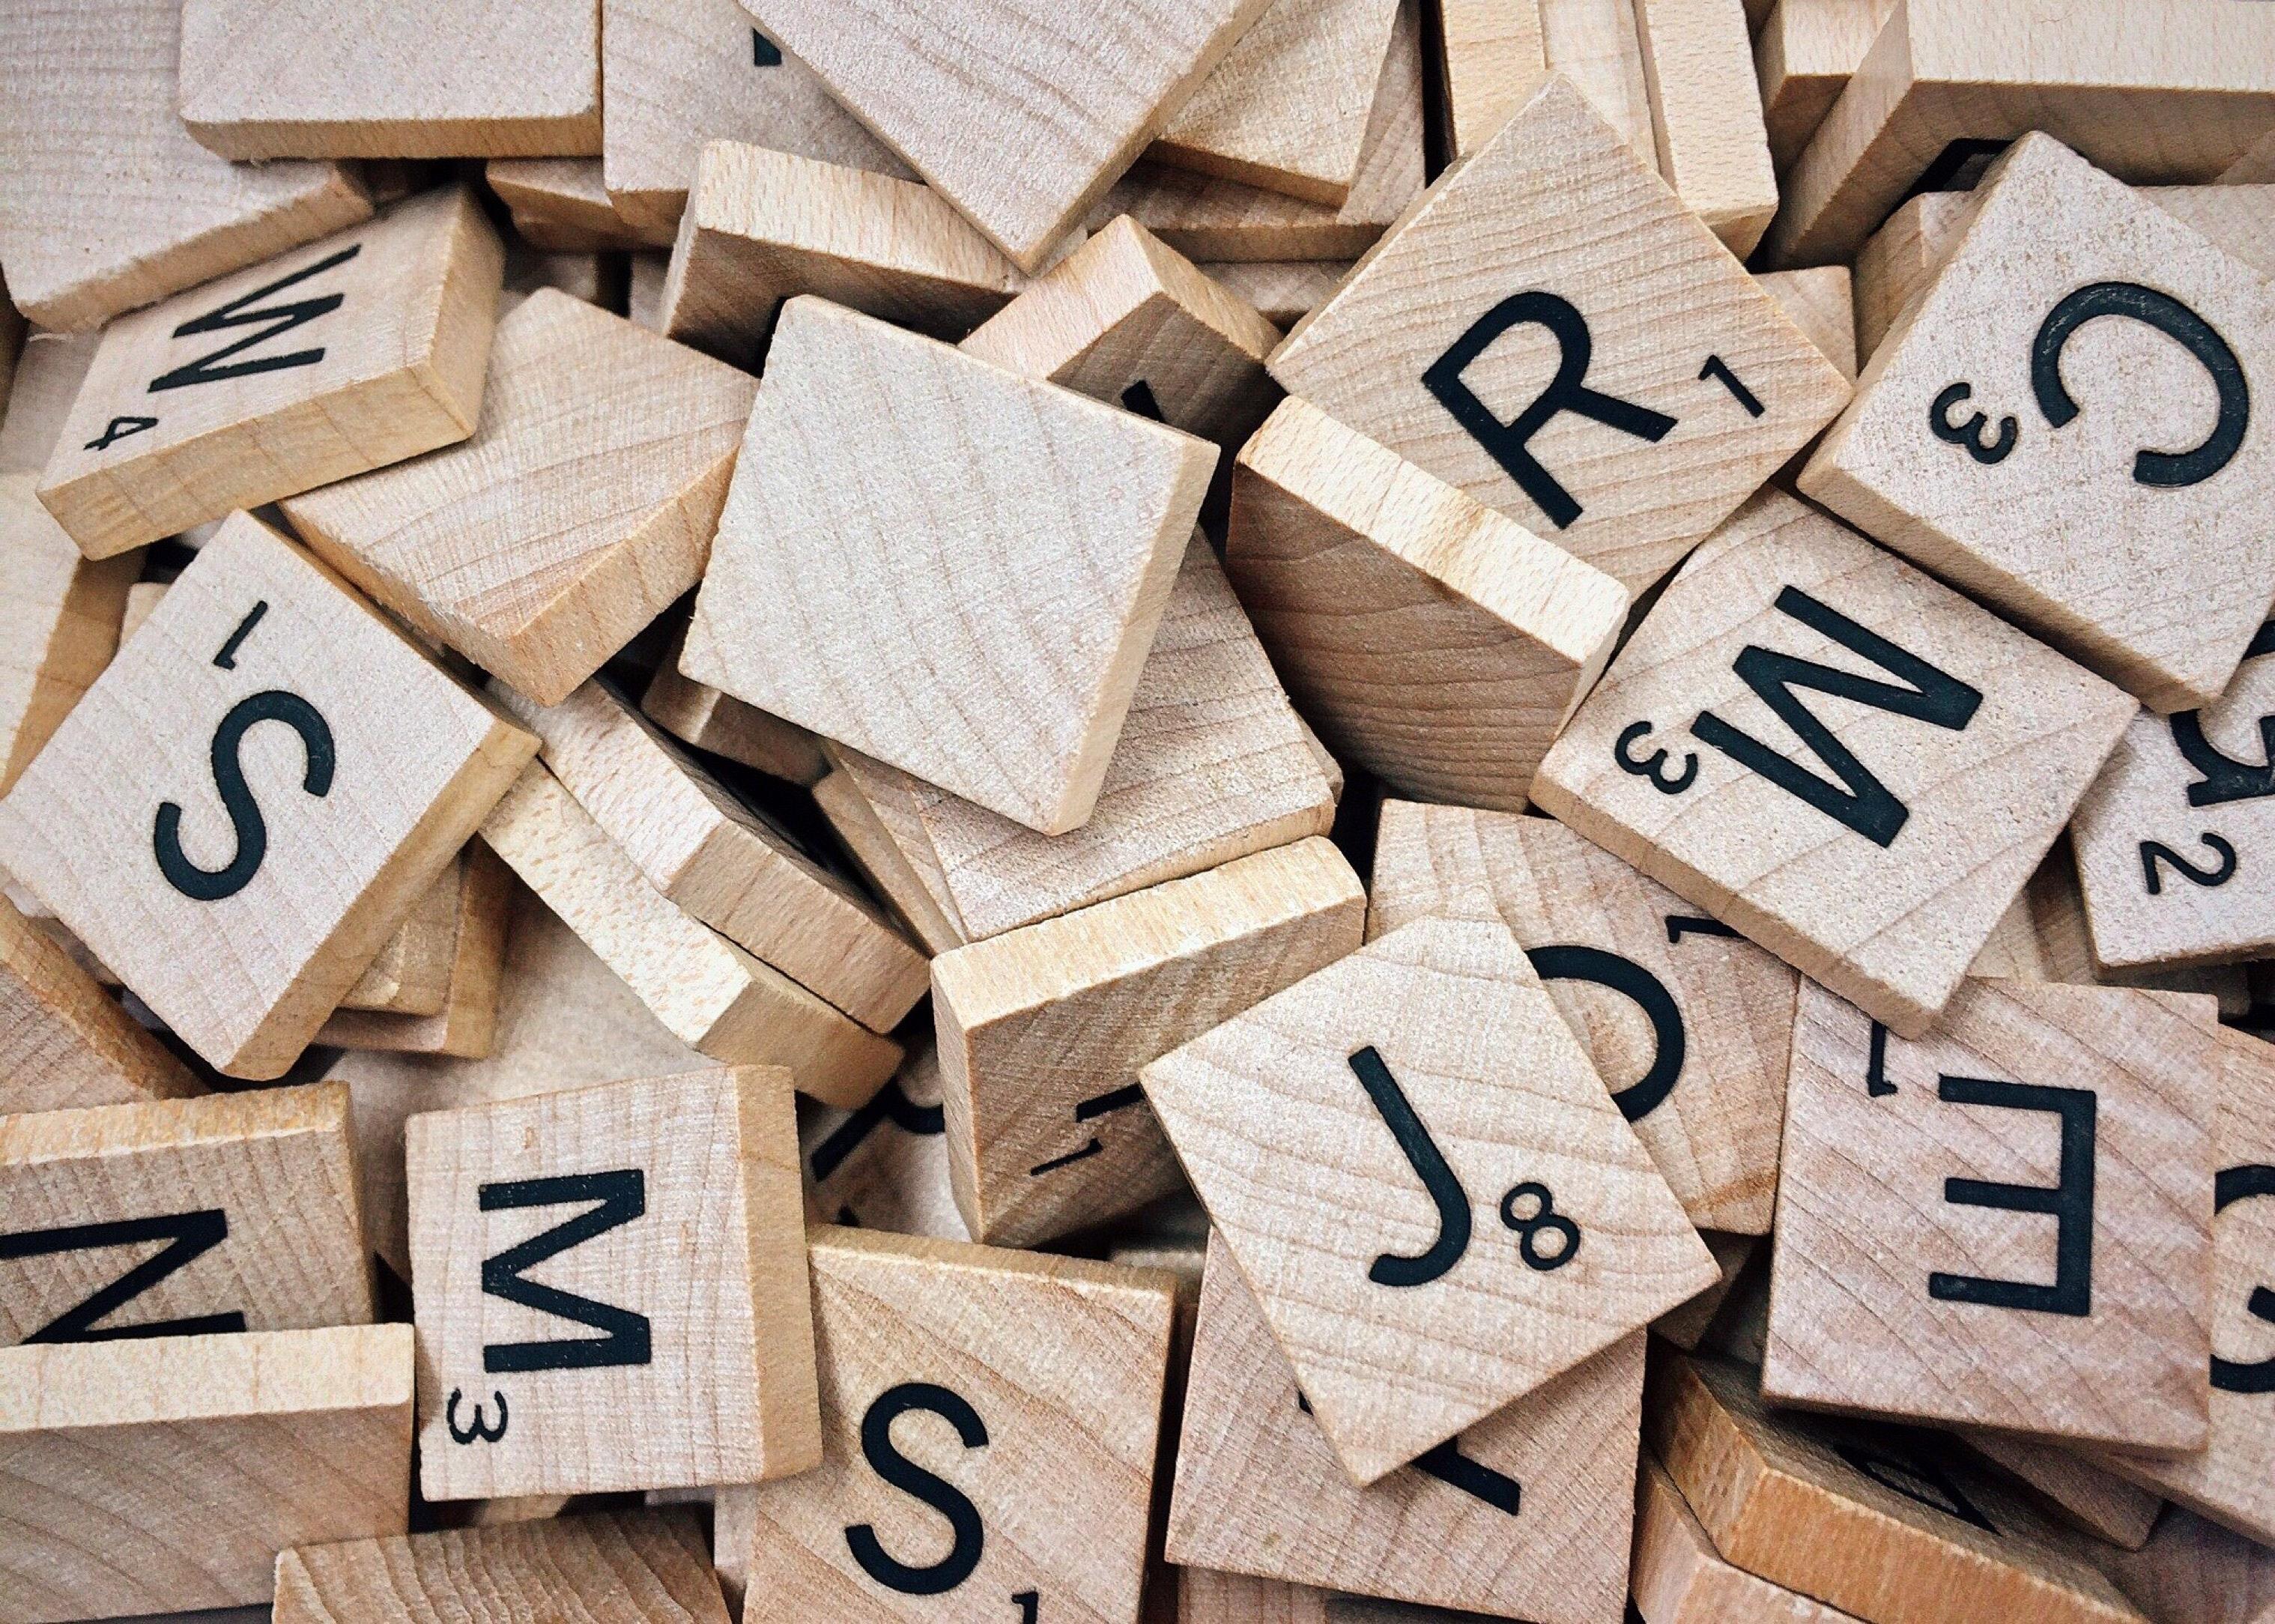 scrabble letters jumbled